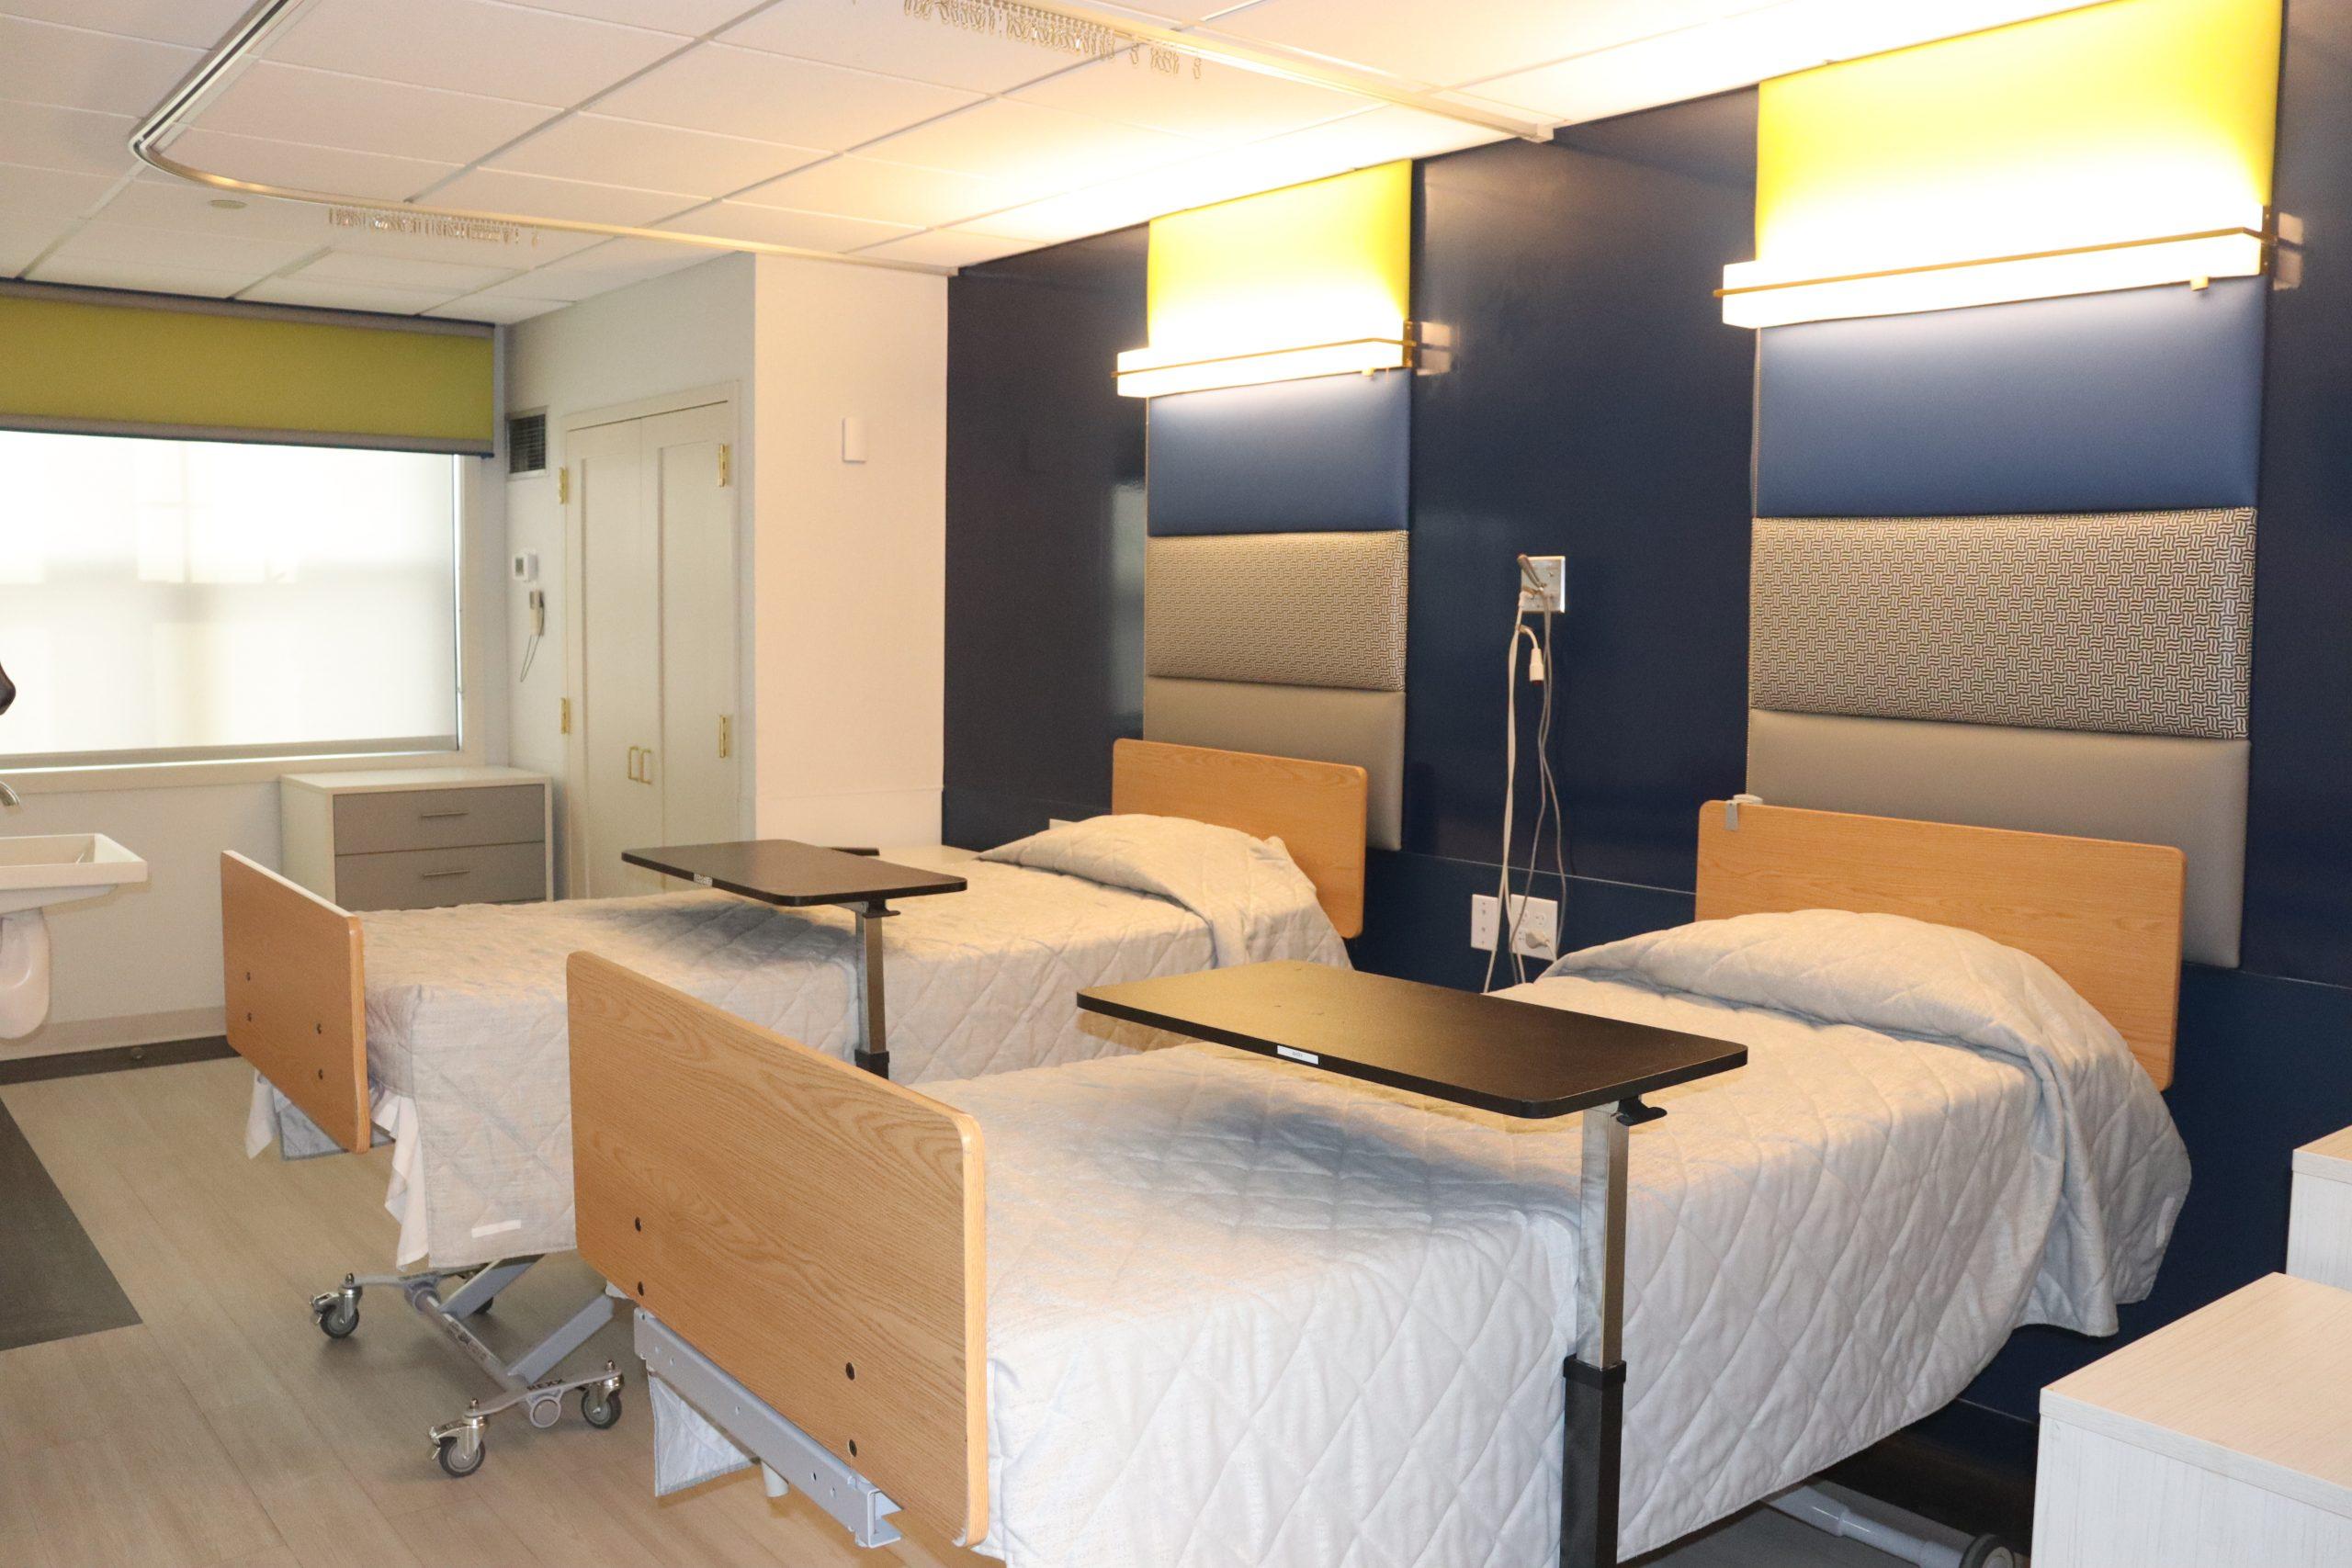 Renovation of patient's room